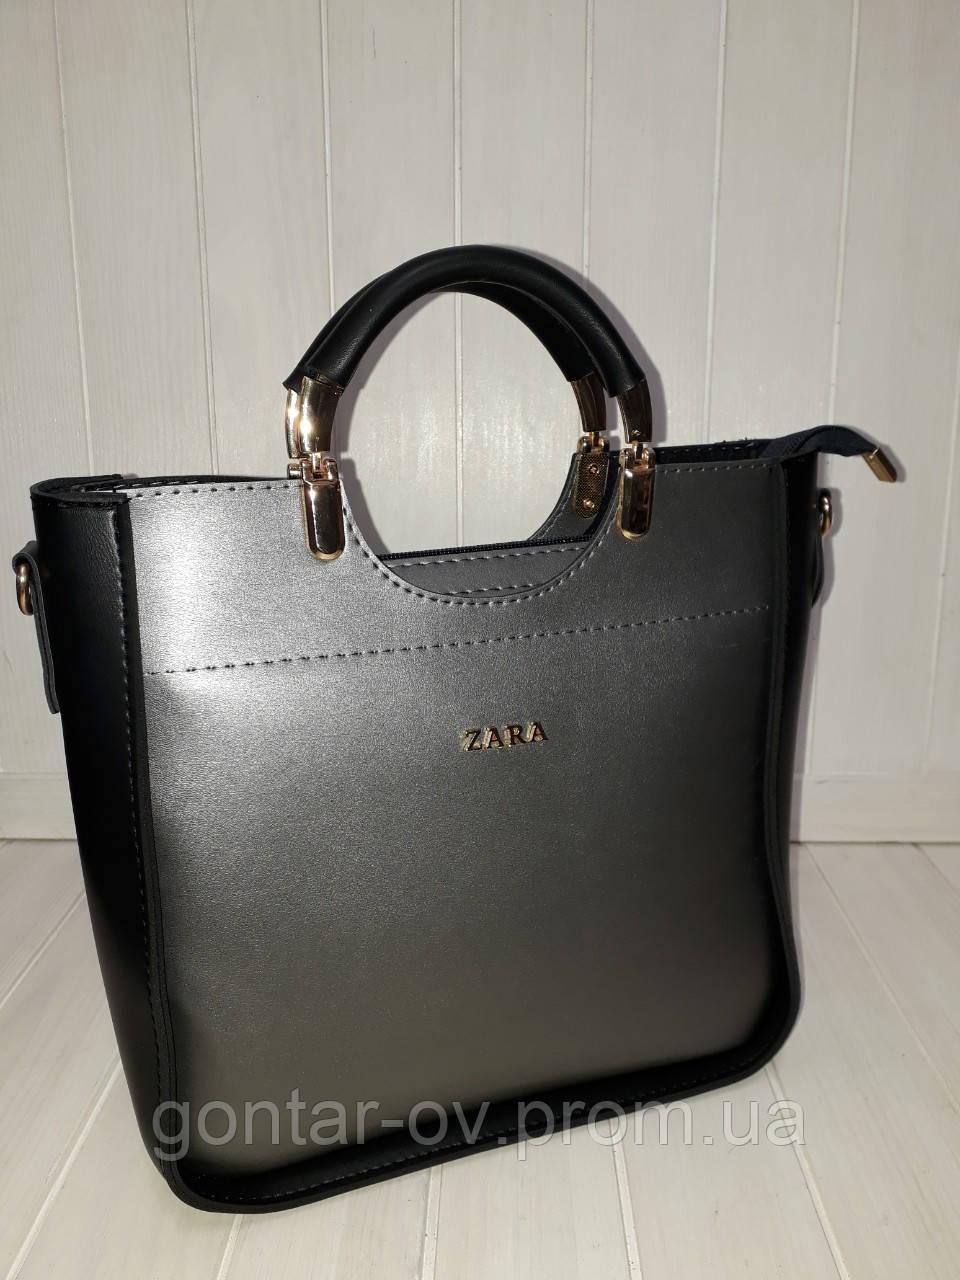 Женская сумка ZARA серебро с черным